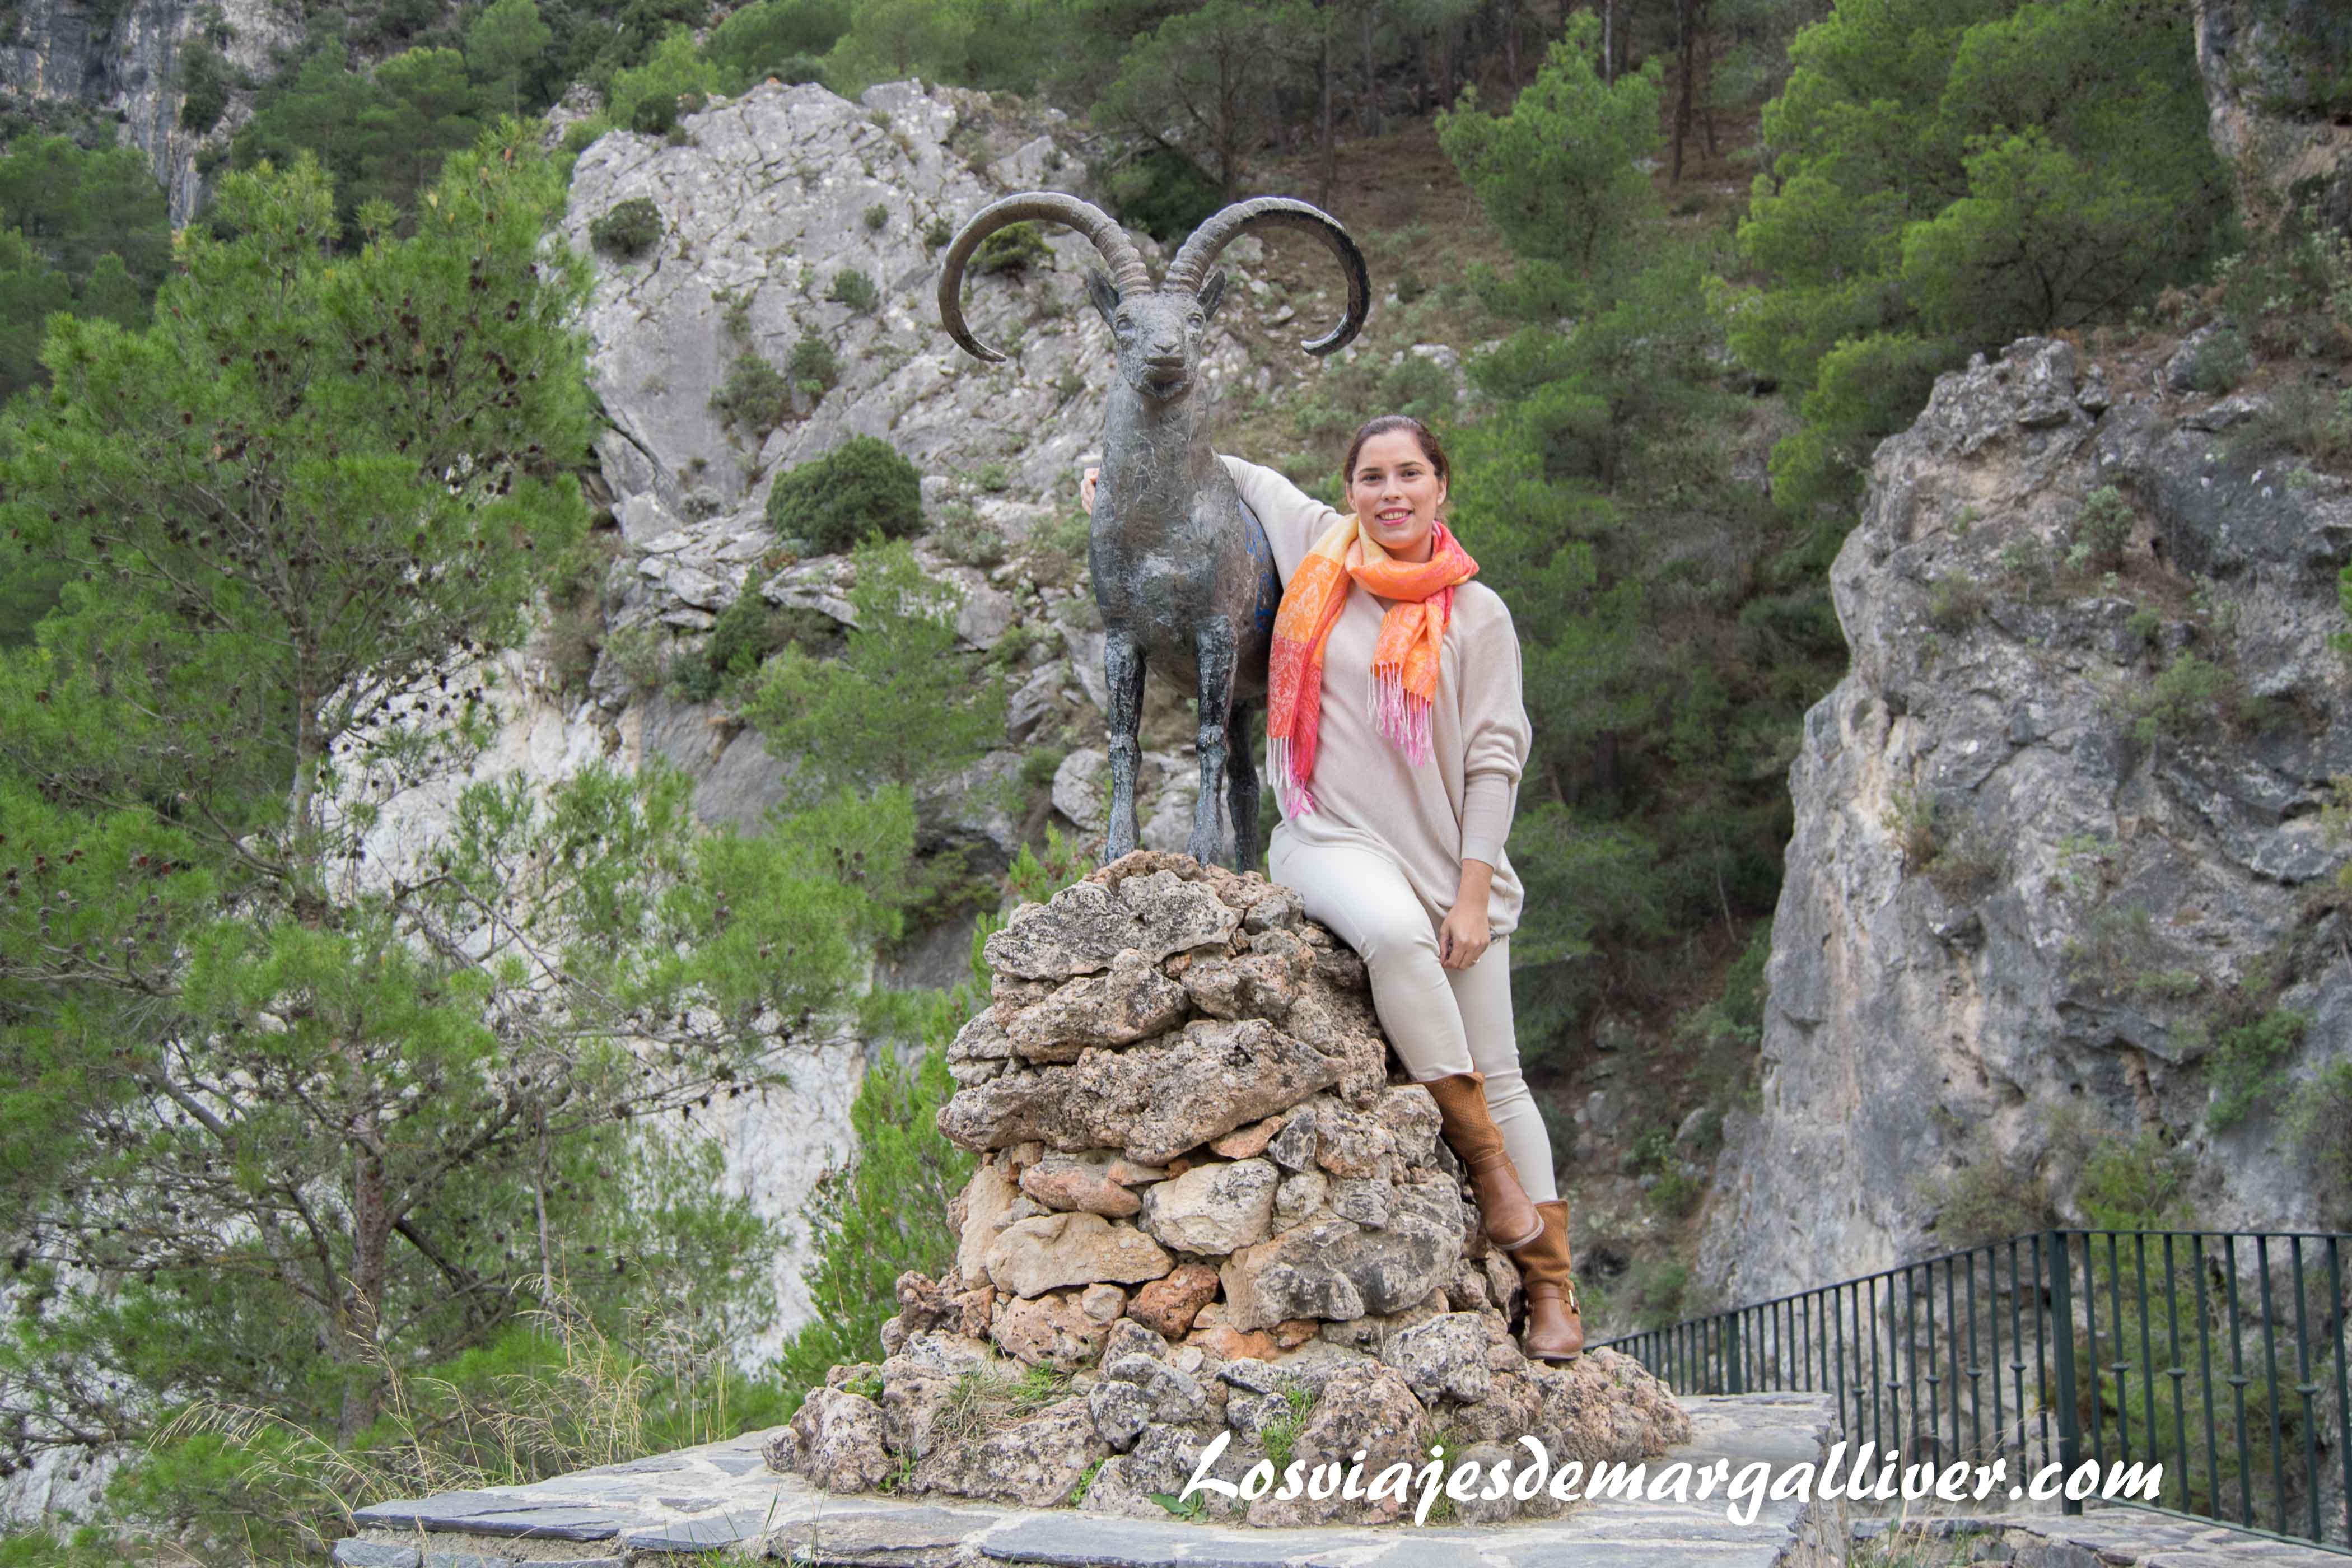 margalliver con la cabra del area recreativa del alcazar en Alcaucin - Los viajes de Margalliver